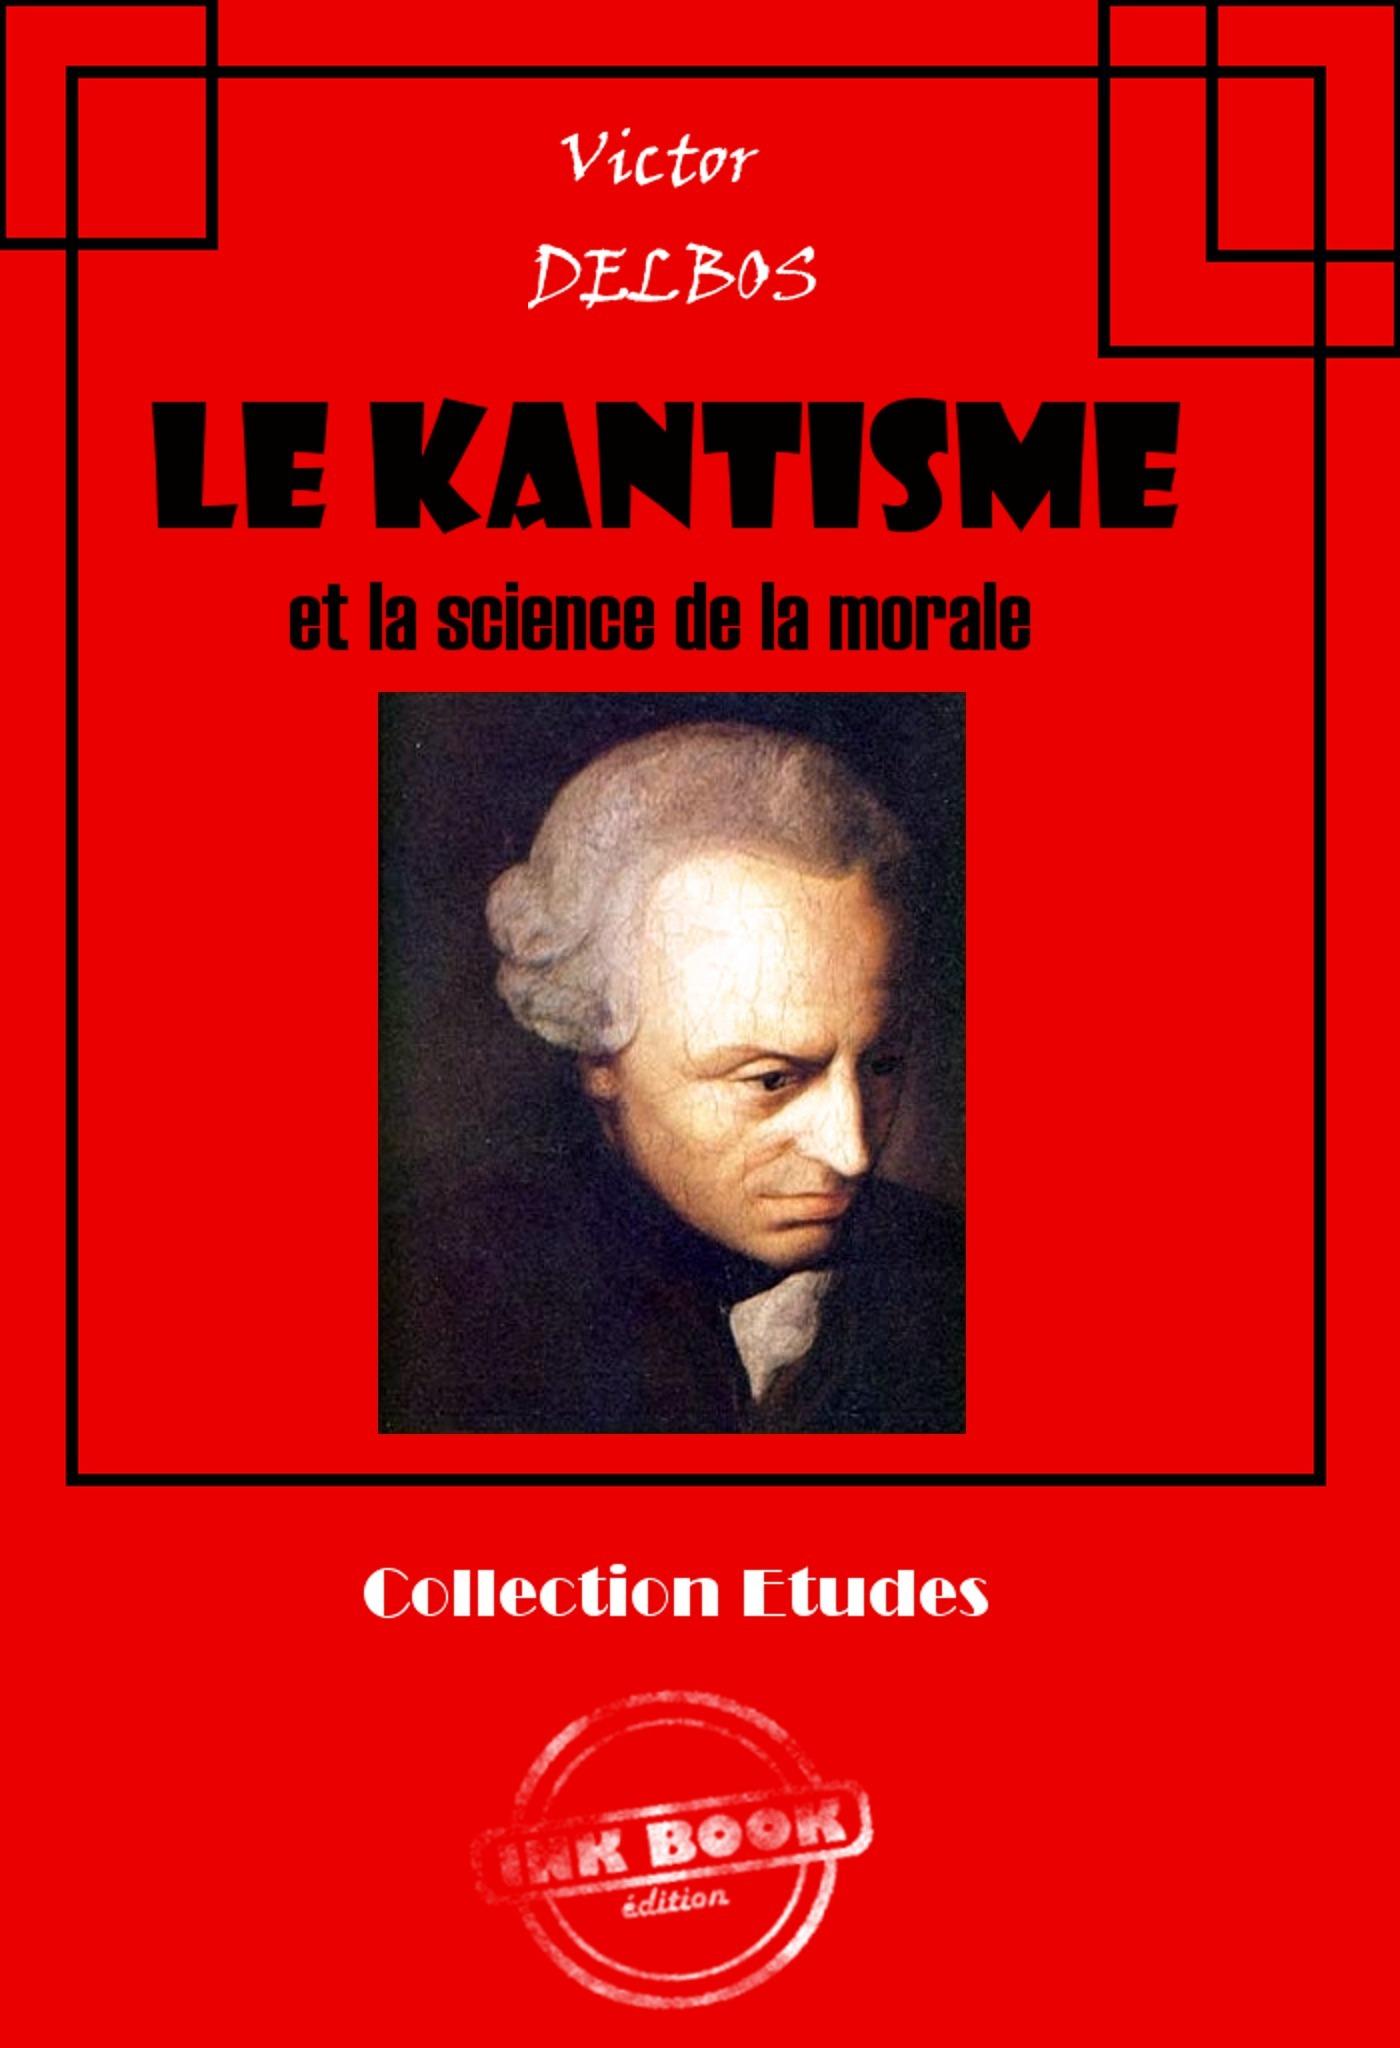 Le kantisme et la science de la morale